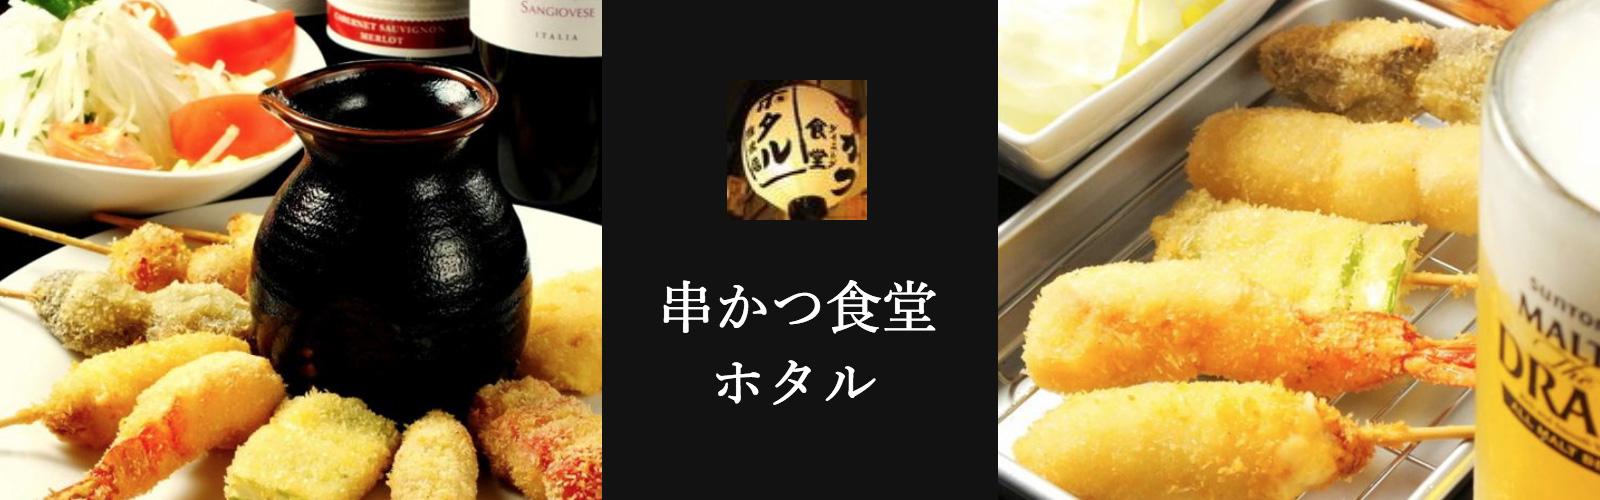 串カツ食堂ホタル